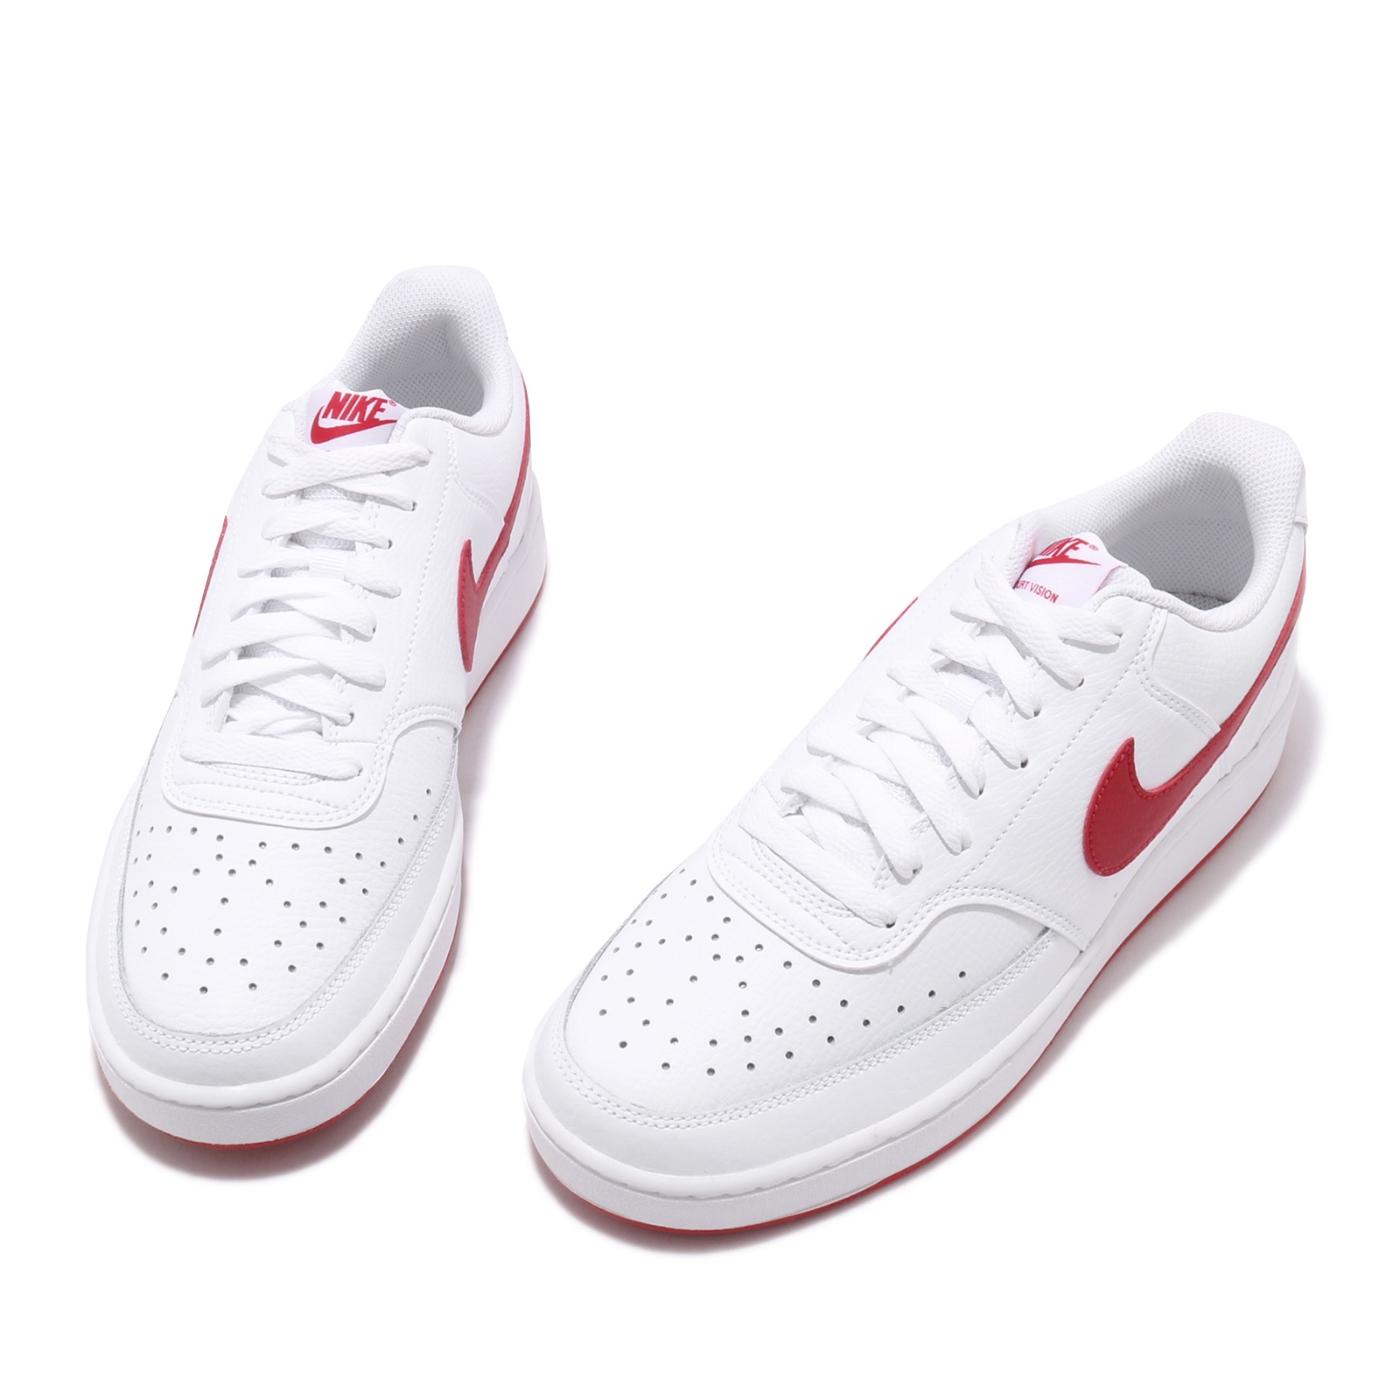 Nike 休閒鞋 Court Vision 運動 男女鞋